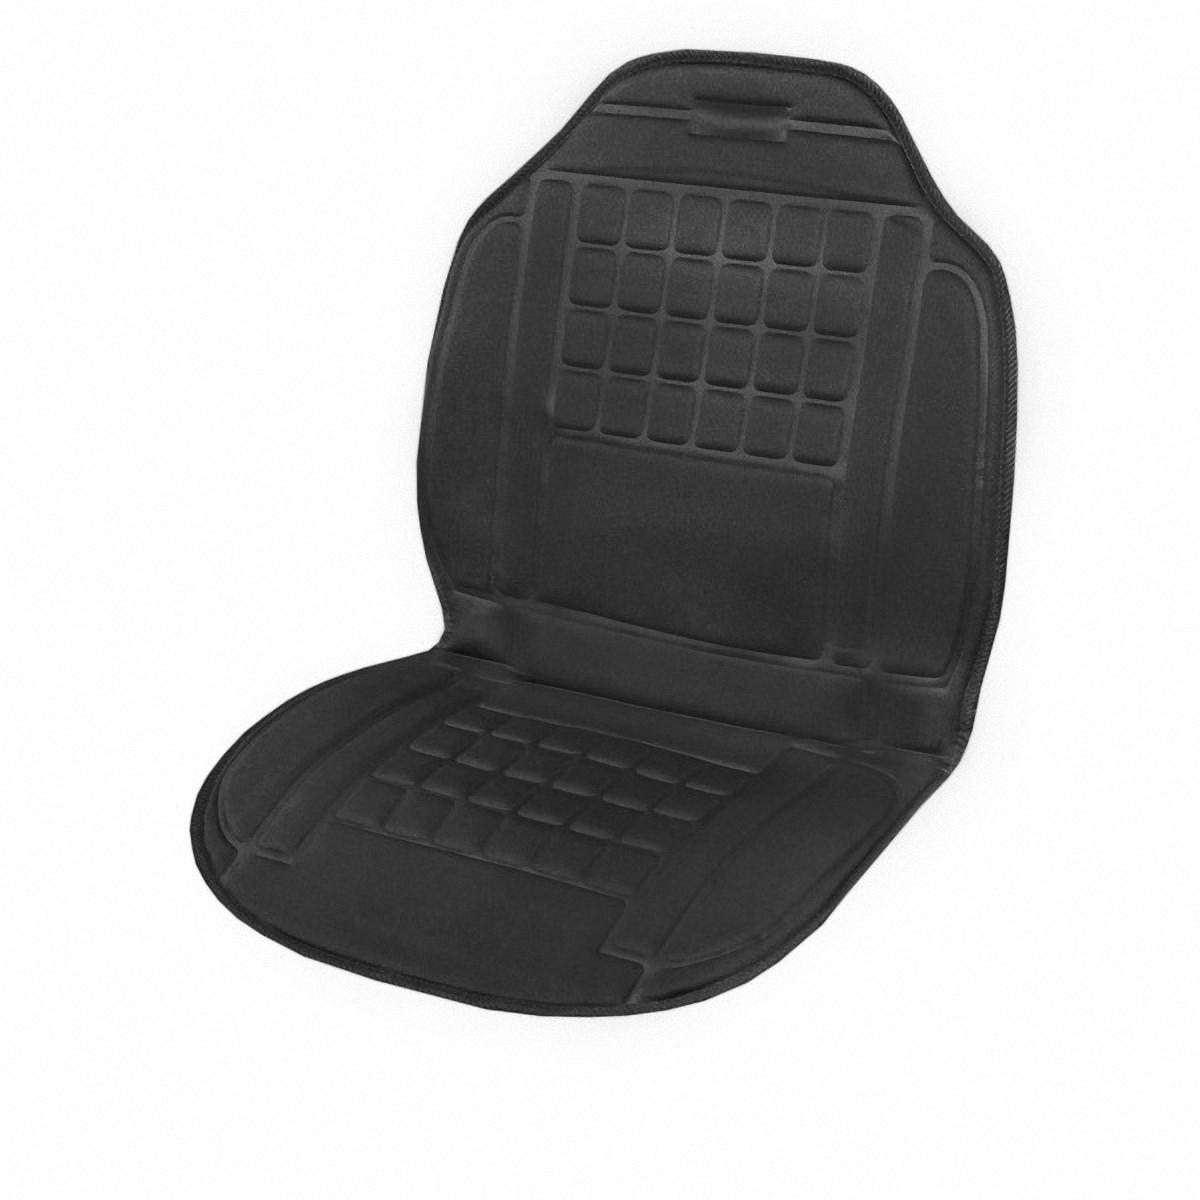 Подогрев для сиденья Skyway, со спинкой. S022010013S022010013Подогрев сиденья со спинкой с терморегулятором (2 режима) 12V; 2,5А-3А.Подогрев сидения – это сезонный товар и большой популярностью пользуется в осенне-зимний период. ТМ SKYWAY предлагает наружные подогревы сидений, изготовленные в виде накидки на автомобильное кресло. Преимущество наружных подогревов в простоте установки. Они крепятся ремнями к креслу автомобиля и подключаются к бортовой сети через гнездо прикуривателя.